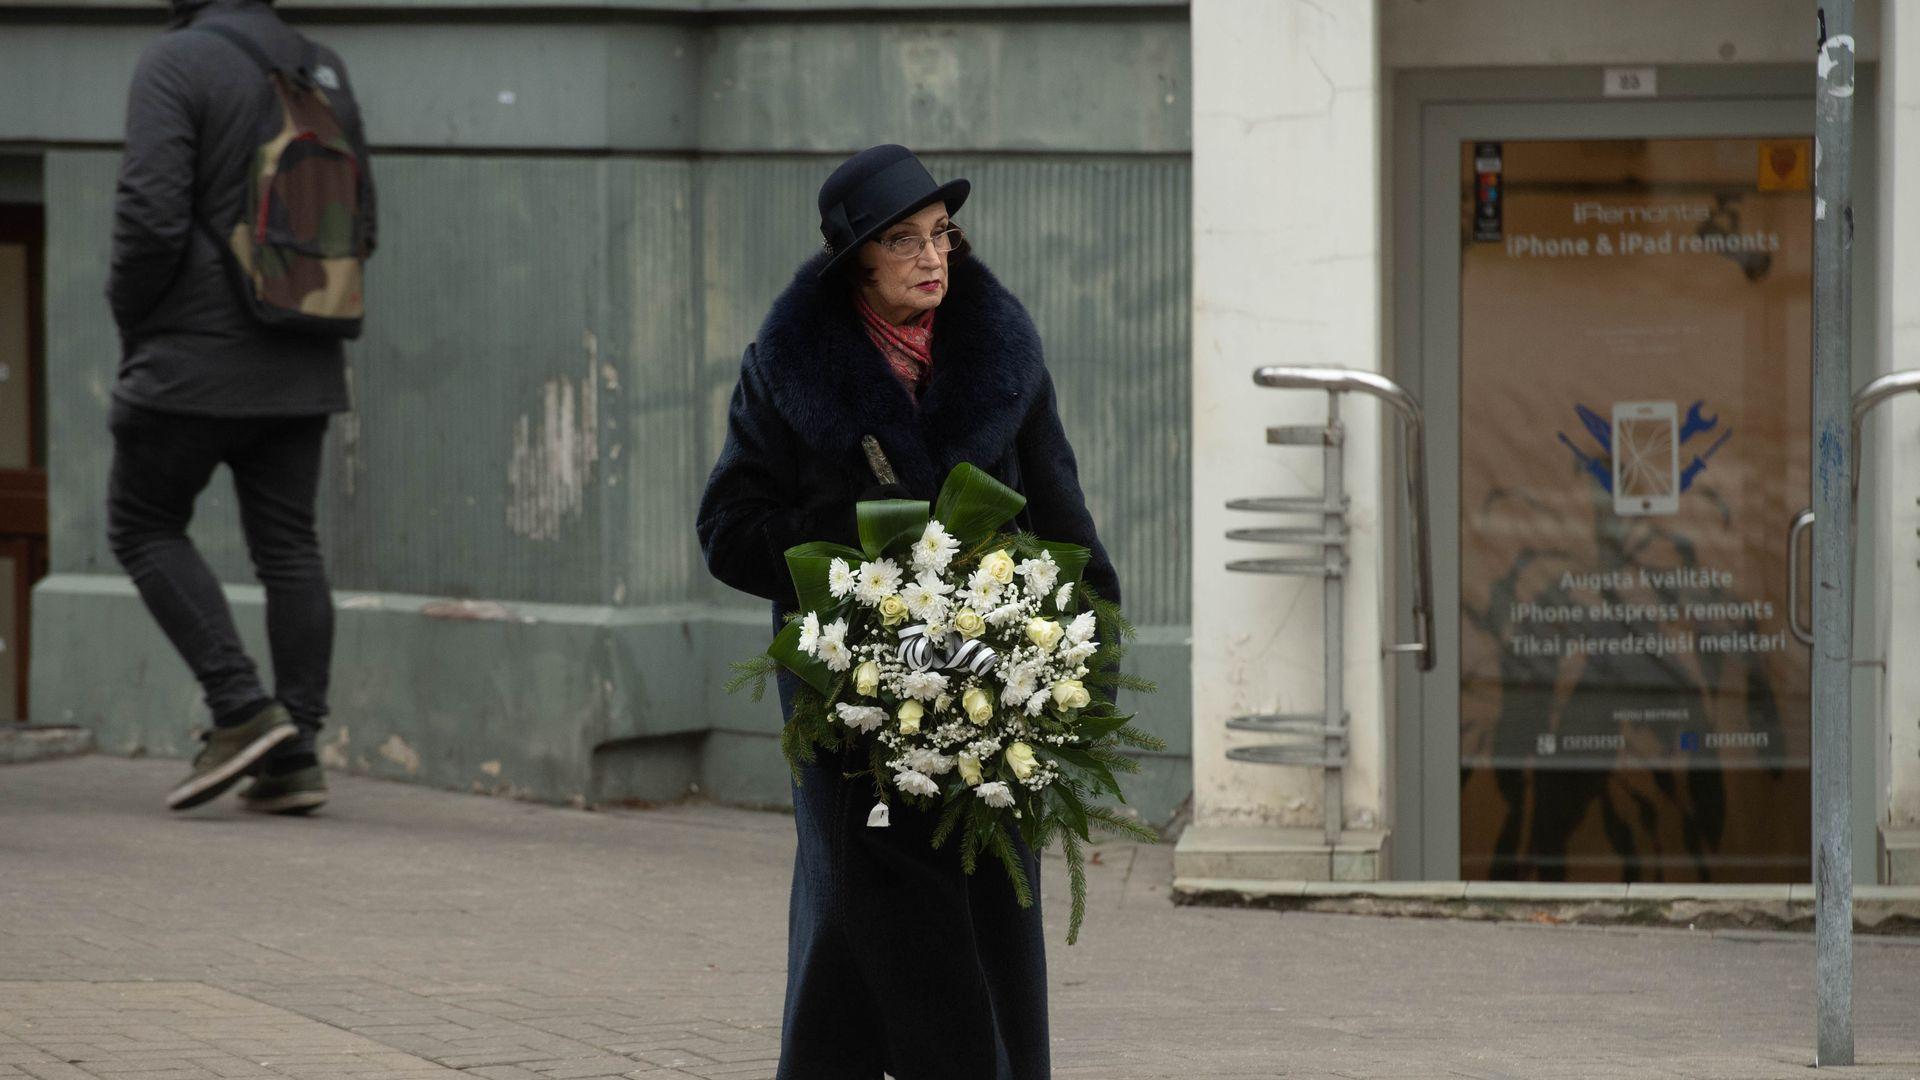 Atvadās no Nacionālā teātra aktrises Helgas Dancbergas